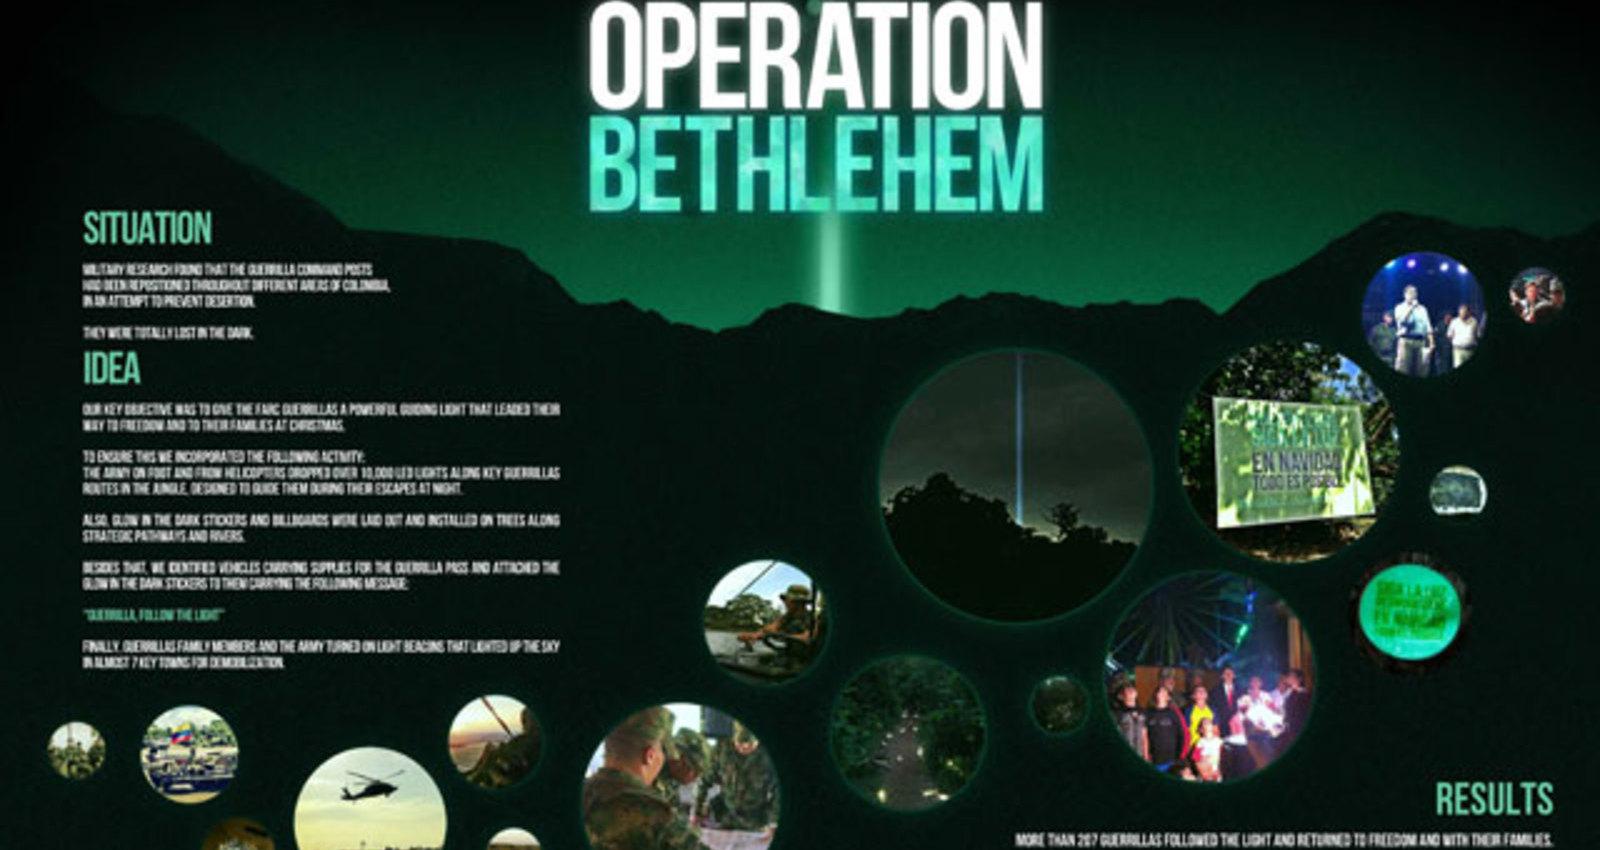 Operation Bethlehem